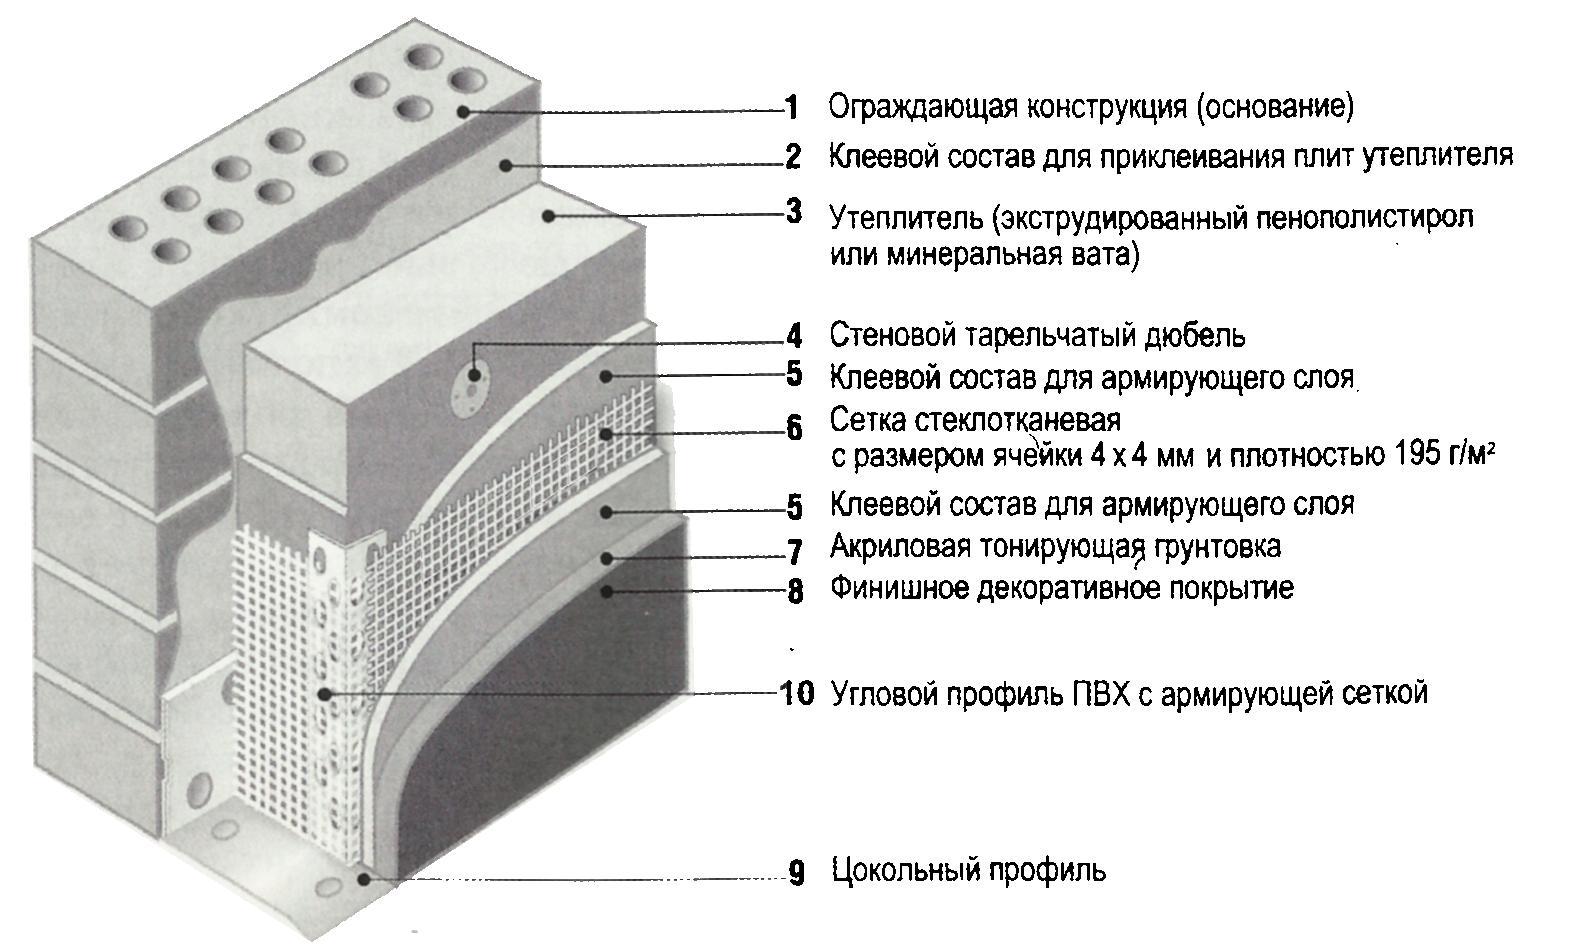 Армирование пенопласта (пенополистирола) сеткой